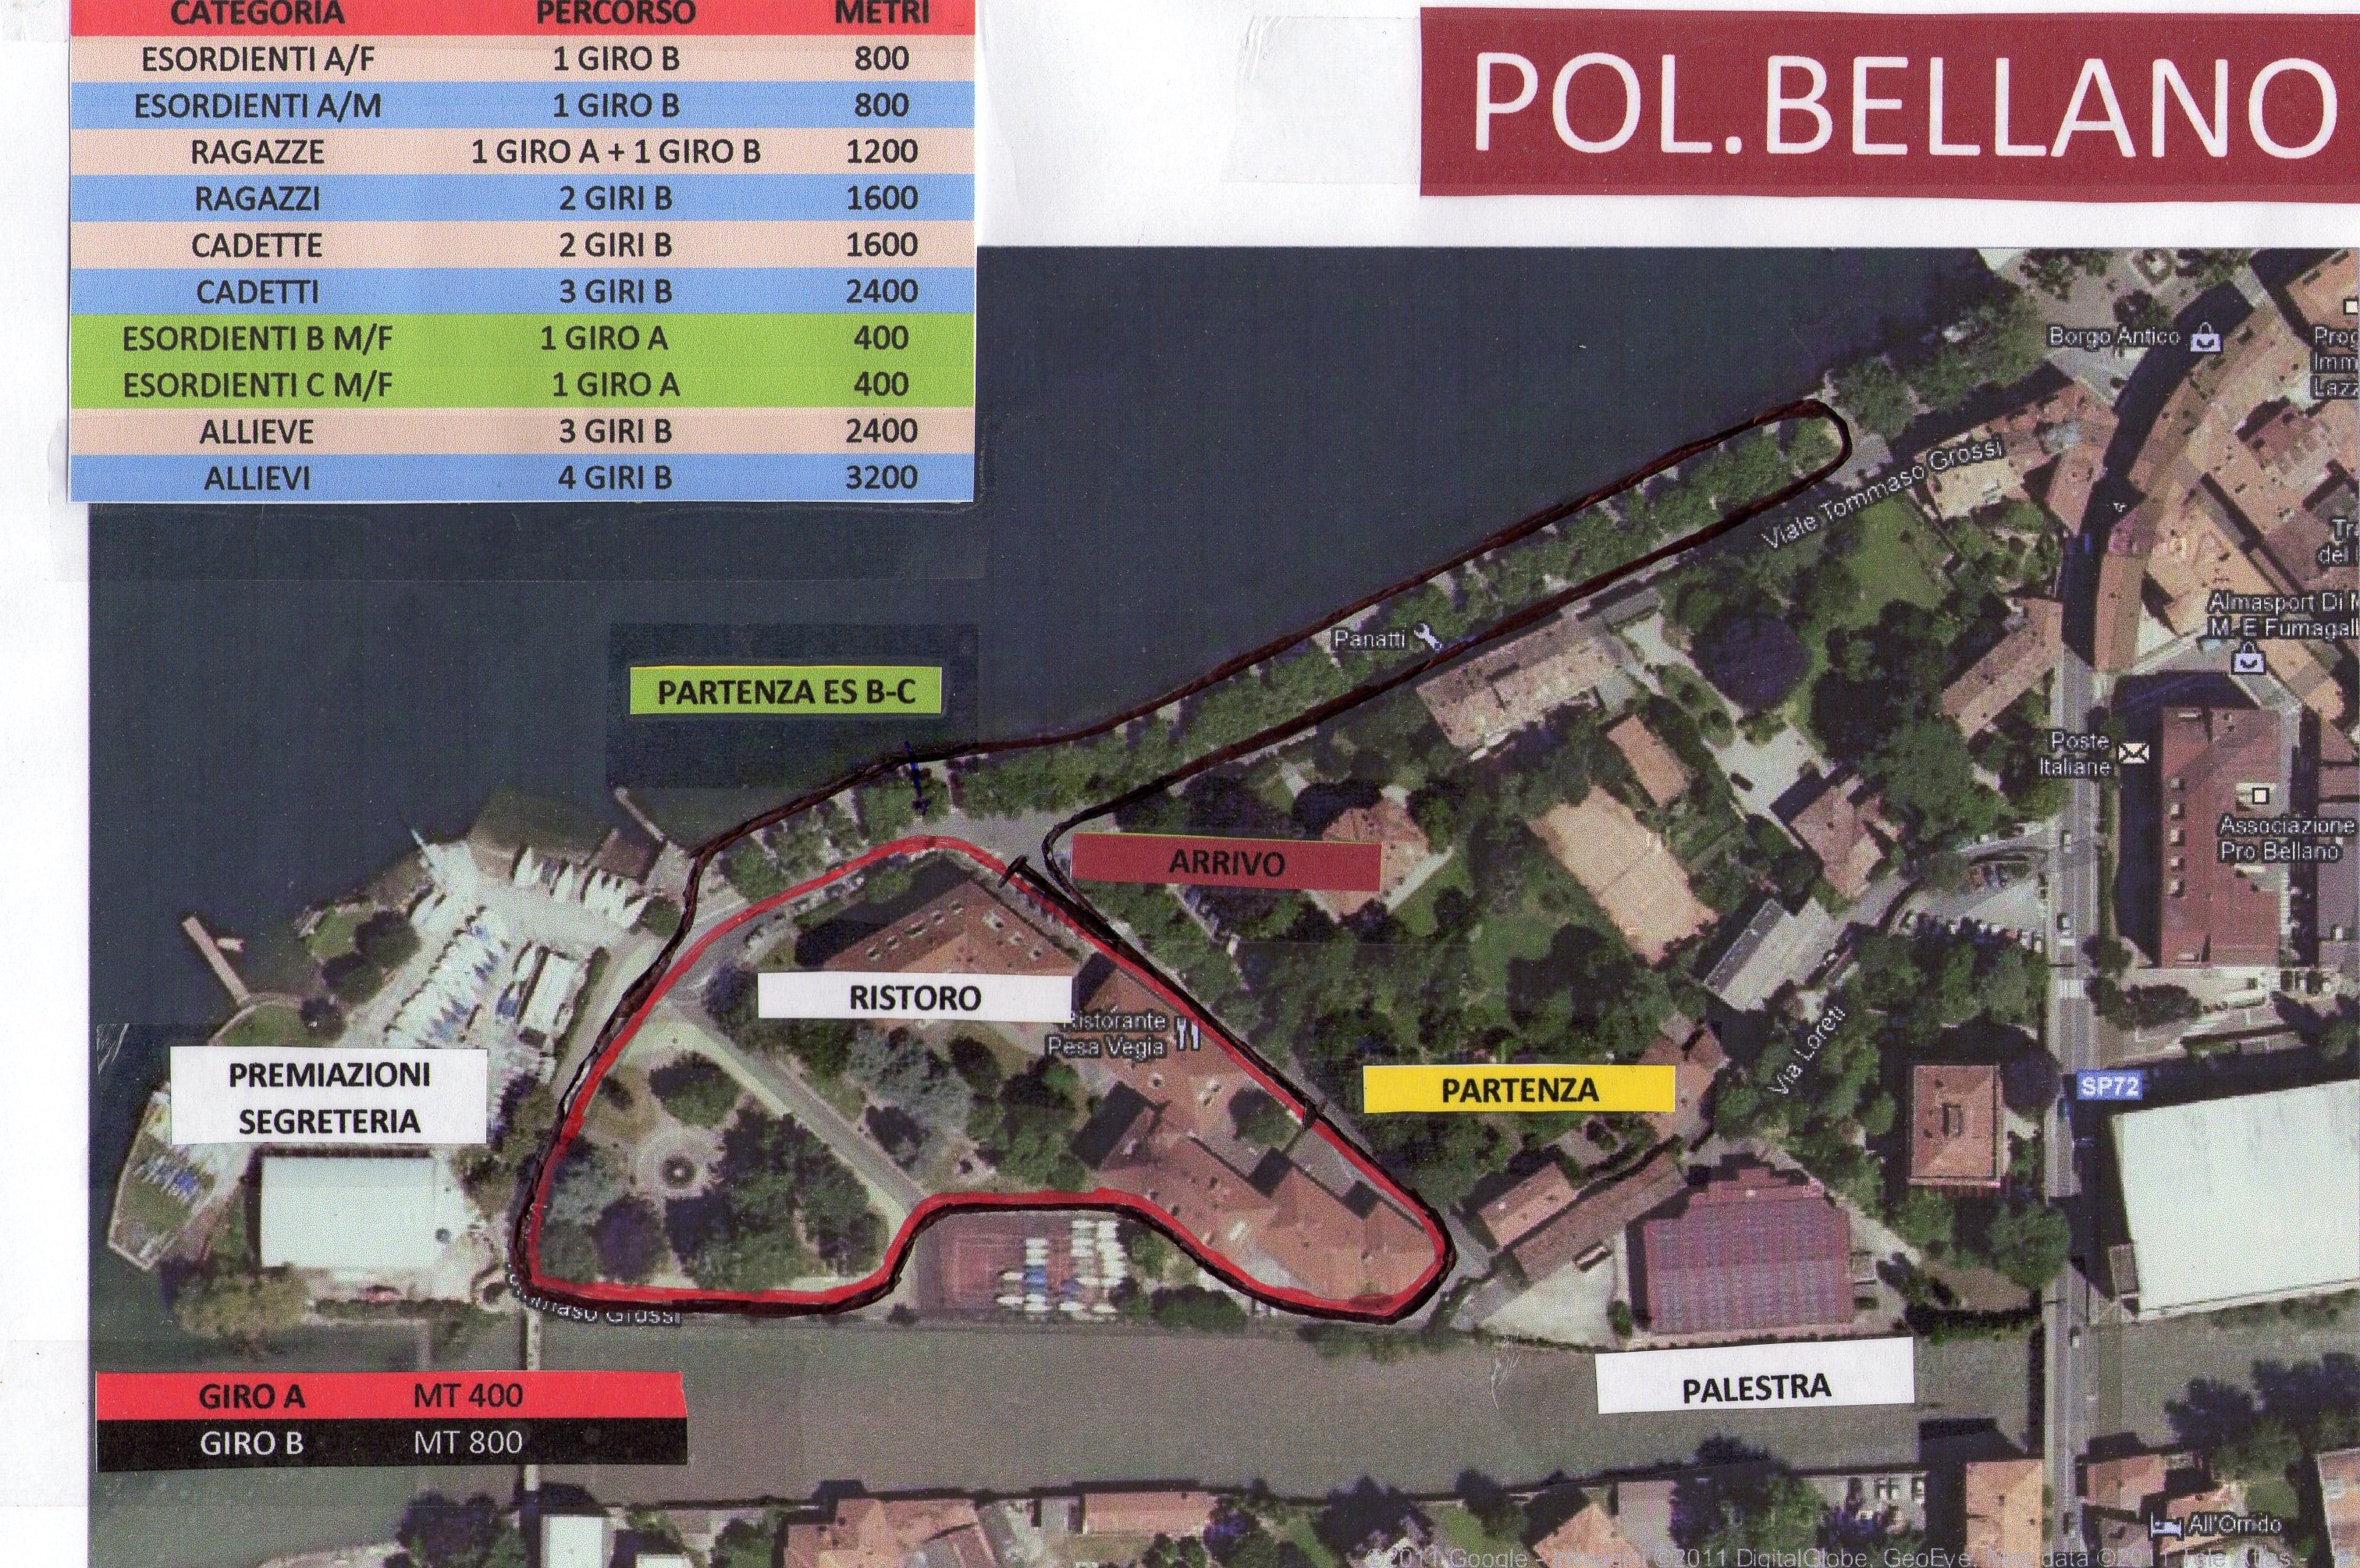 Percorso corsa su strada - Bellano - 14 Ottobre 2012